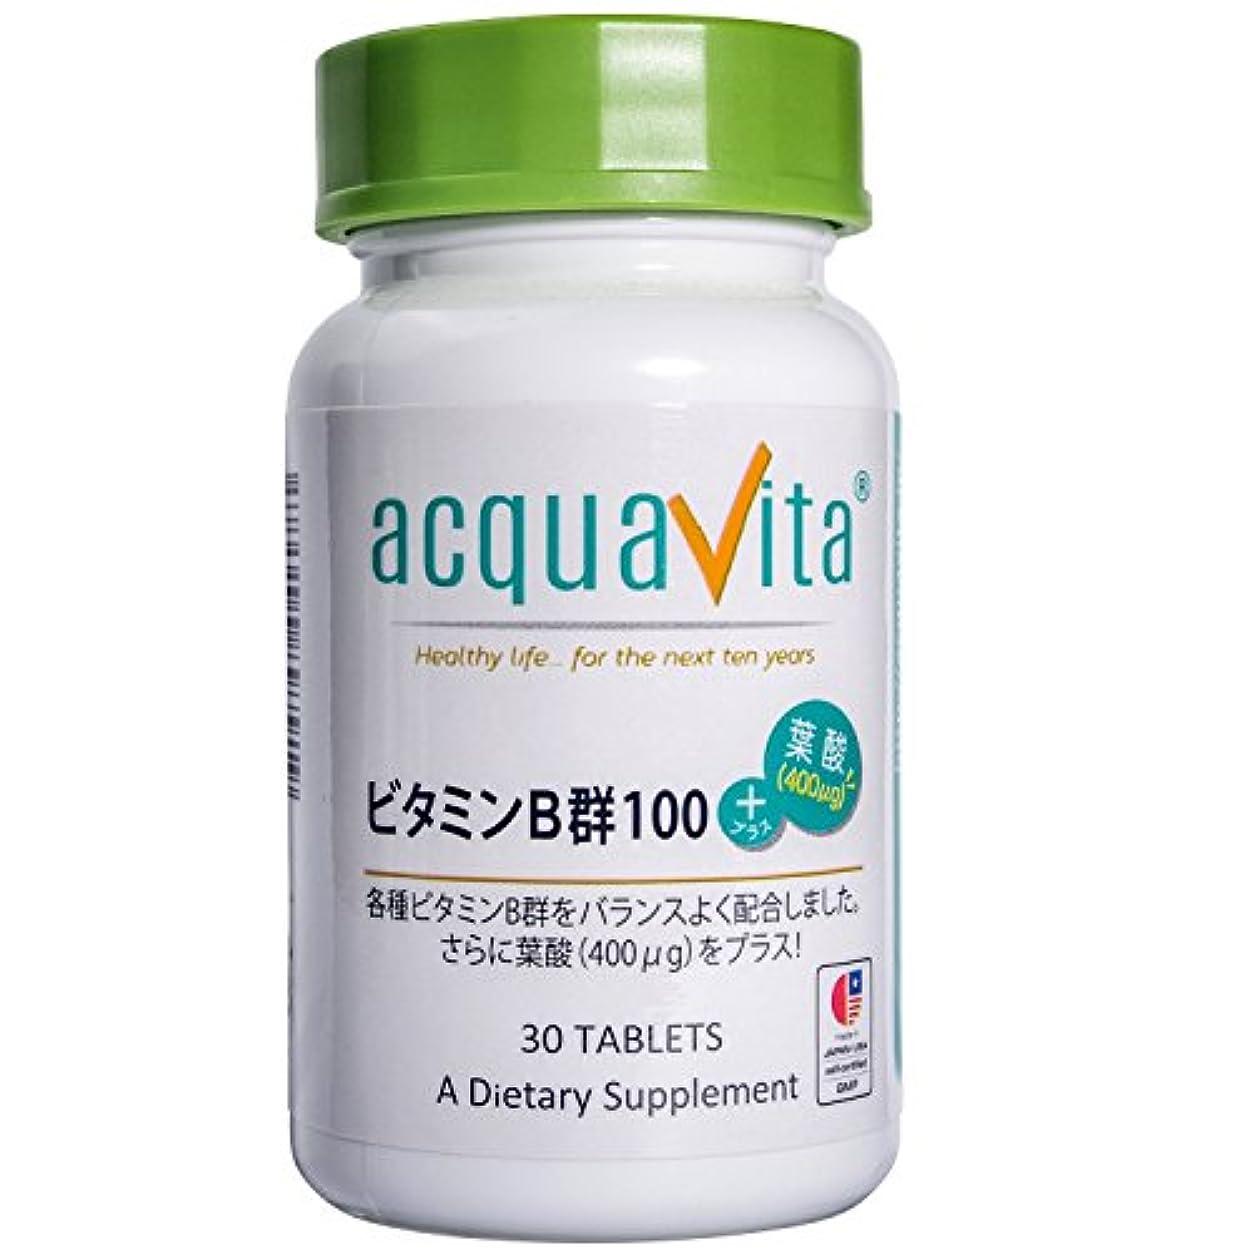 視線変化する疑い者acquavita(アクアヴィータ) ビタミンB群100+葉酸(400μg) 30粒